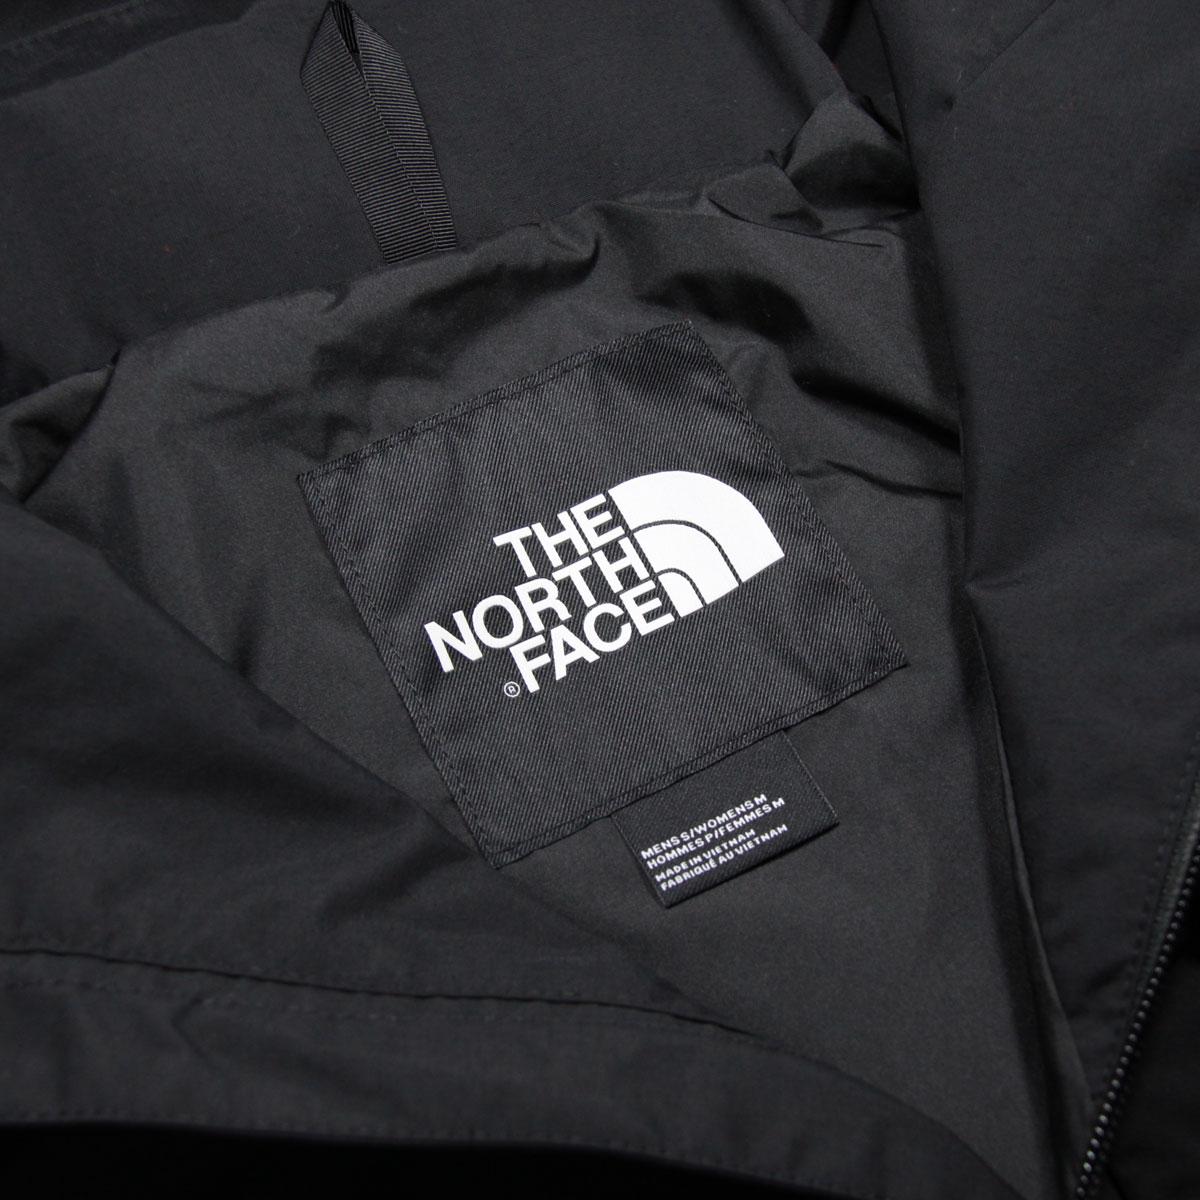 ノースフェイス ジャケット メンズ 正規品 THE NORTH FACE アウター ナイロンジャケット 90 EXTREME RAIN JACKET NF0A4AGR TNF BLACK COMBO A14B B1C C1D D4E E11F